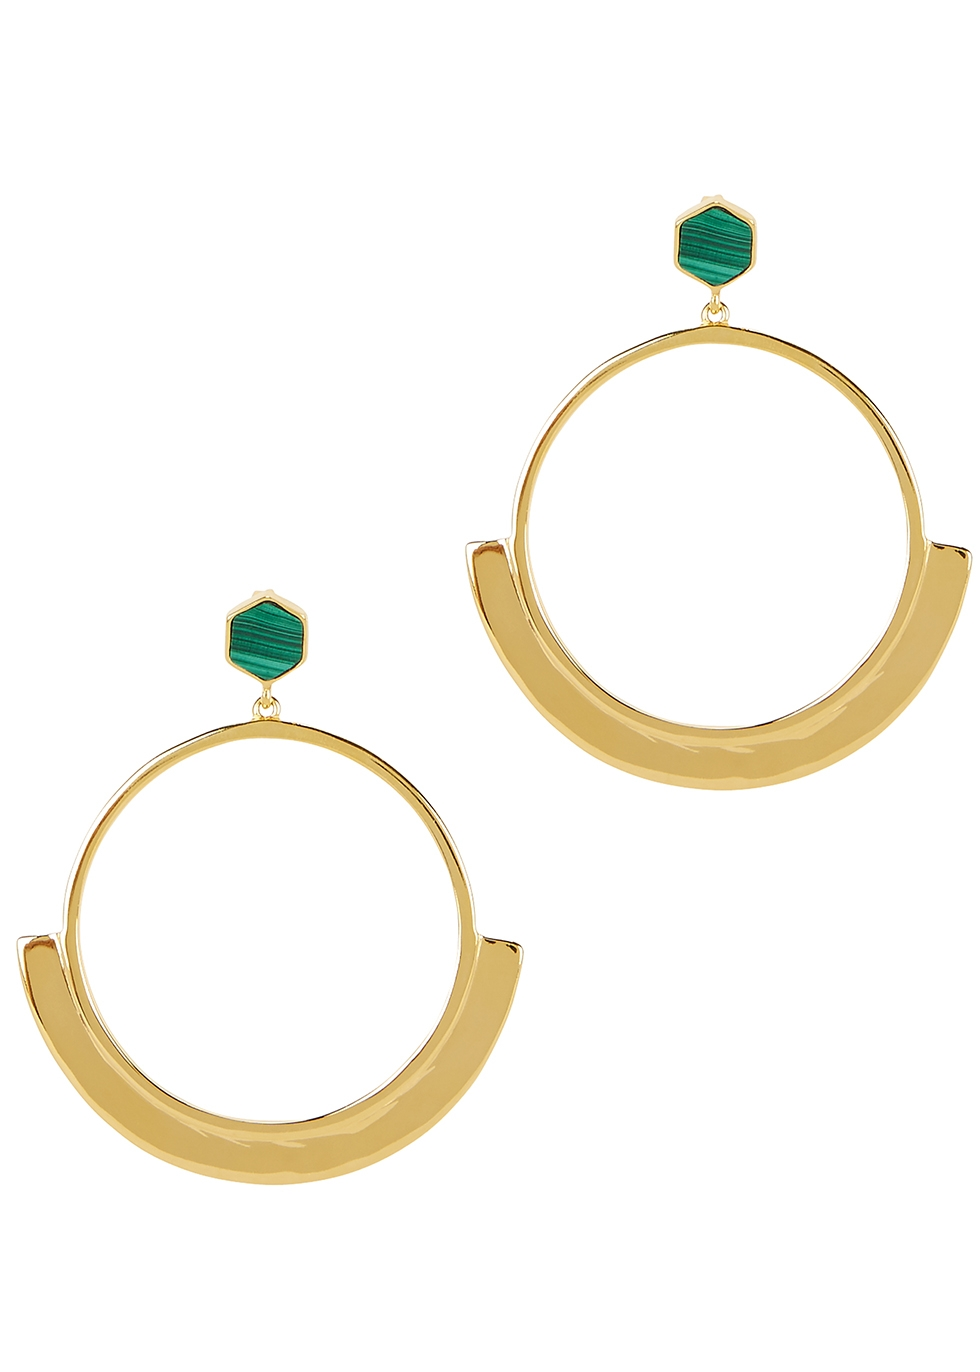 MISSOMA Hex 18Kt Gold Vermeil Hoop Earrings in Green